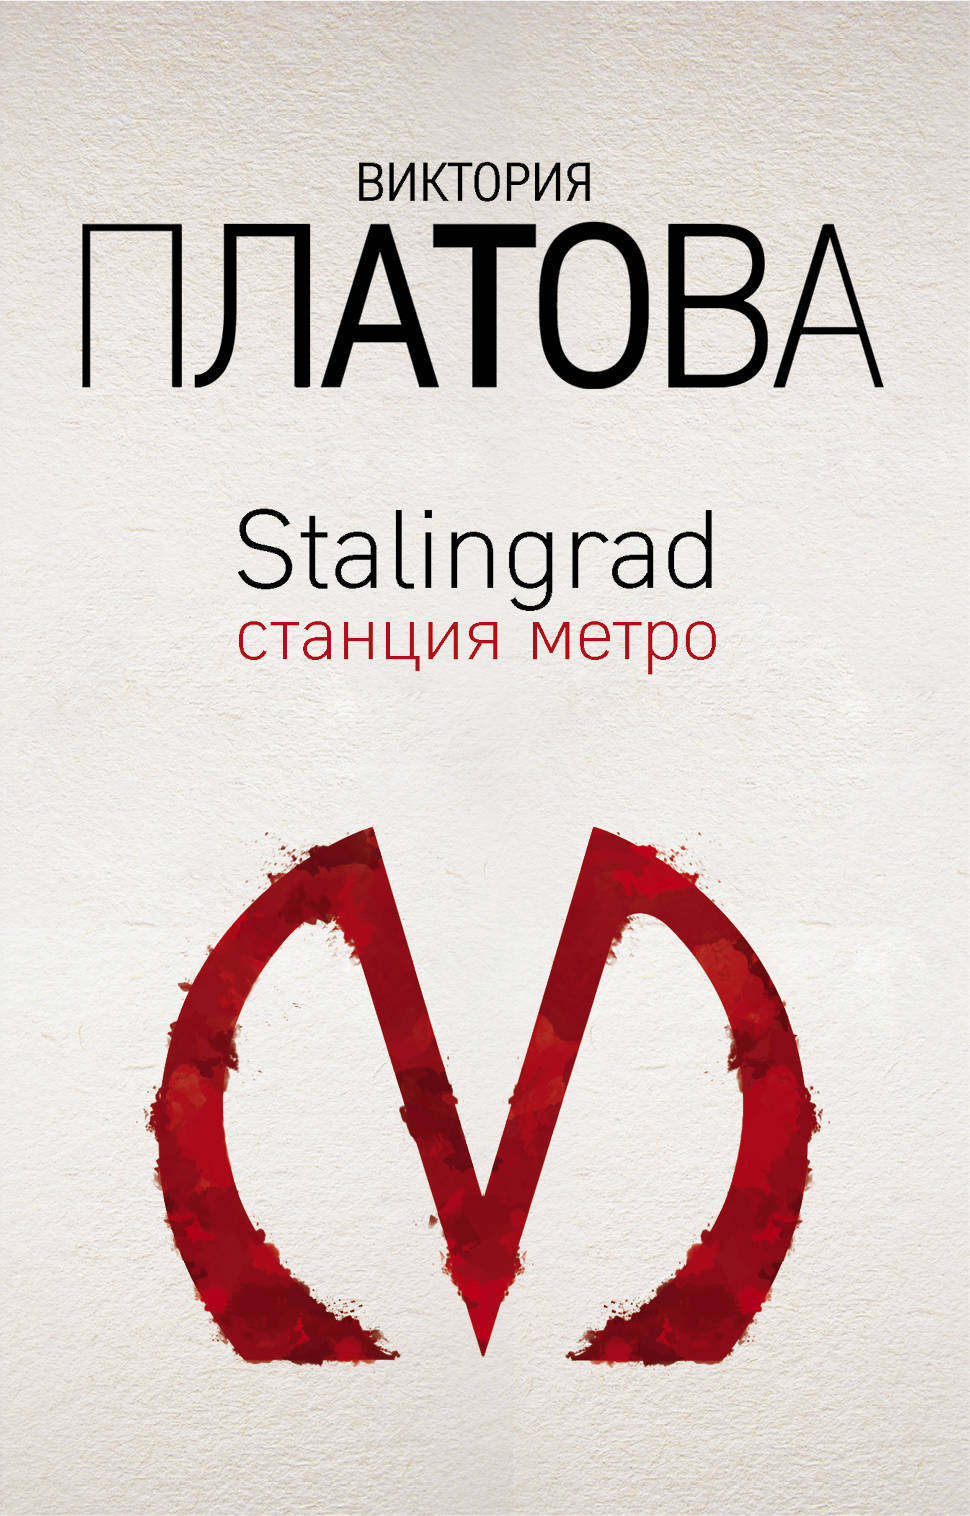 Виктория Платова Stalingrad, станция метро